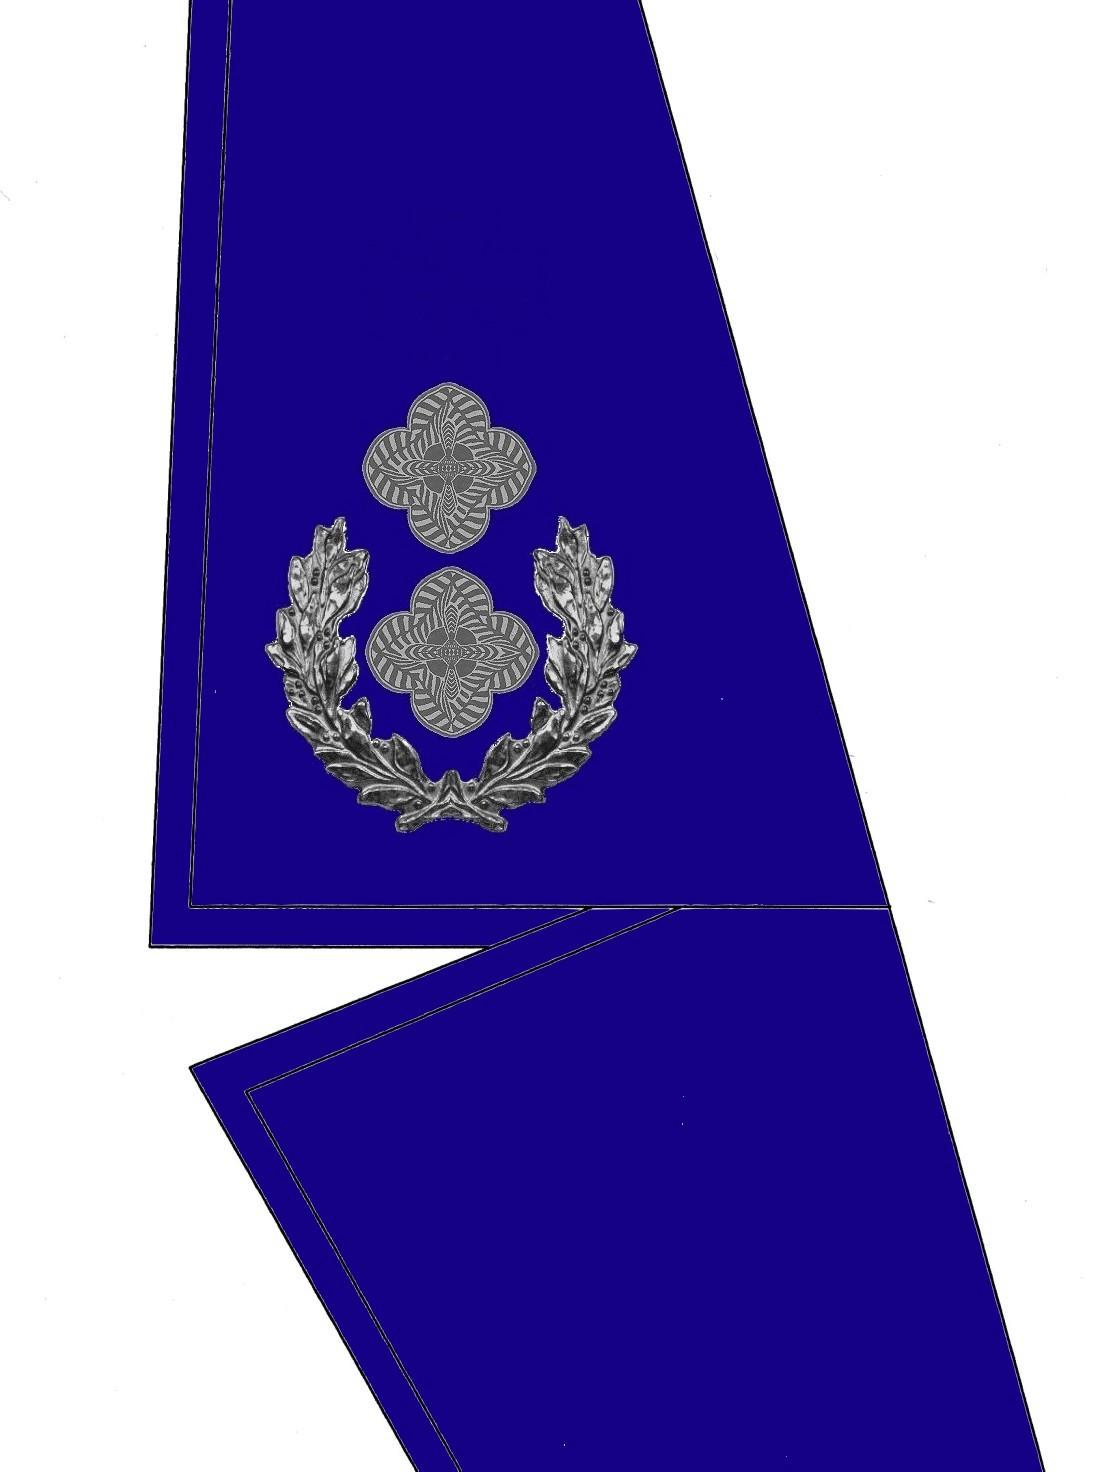 09-kragen-rangabzeichen-vzlt-csli-hg-blau